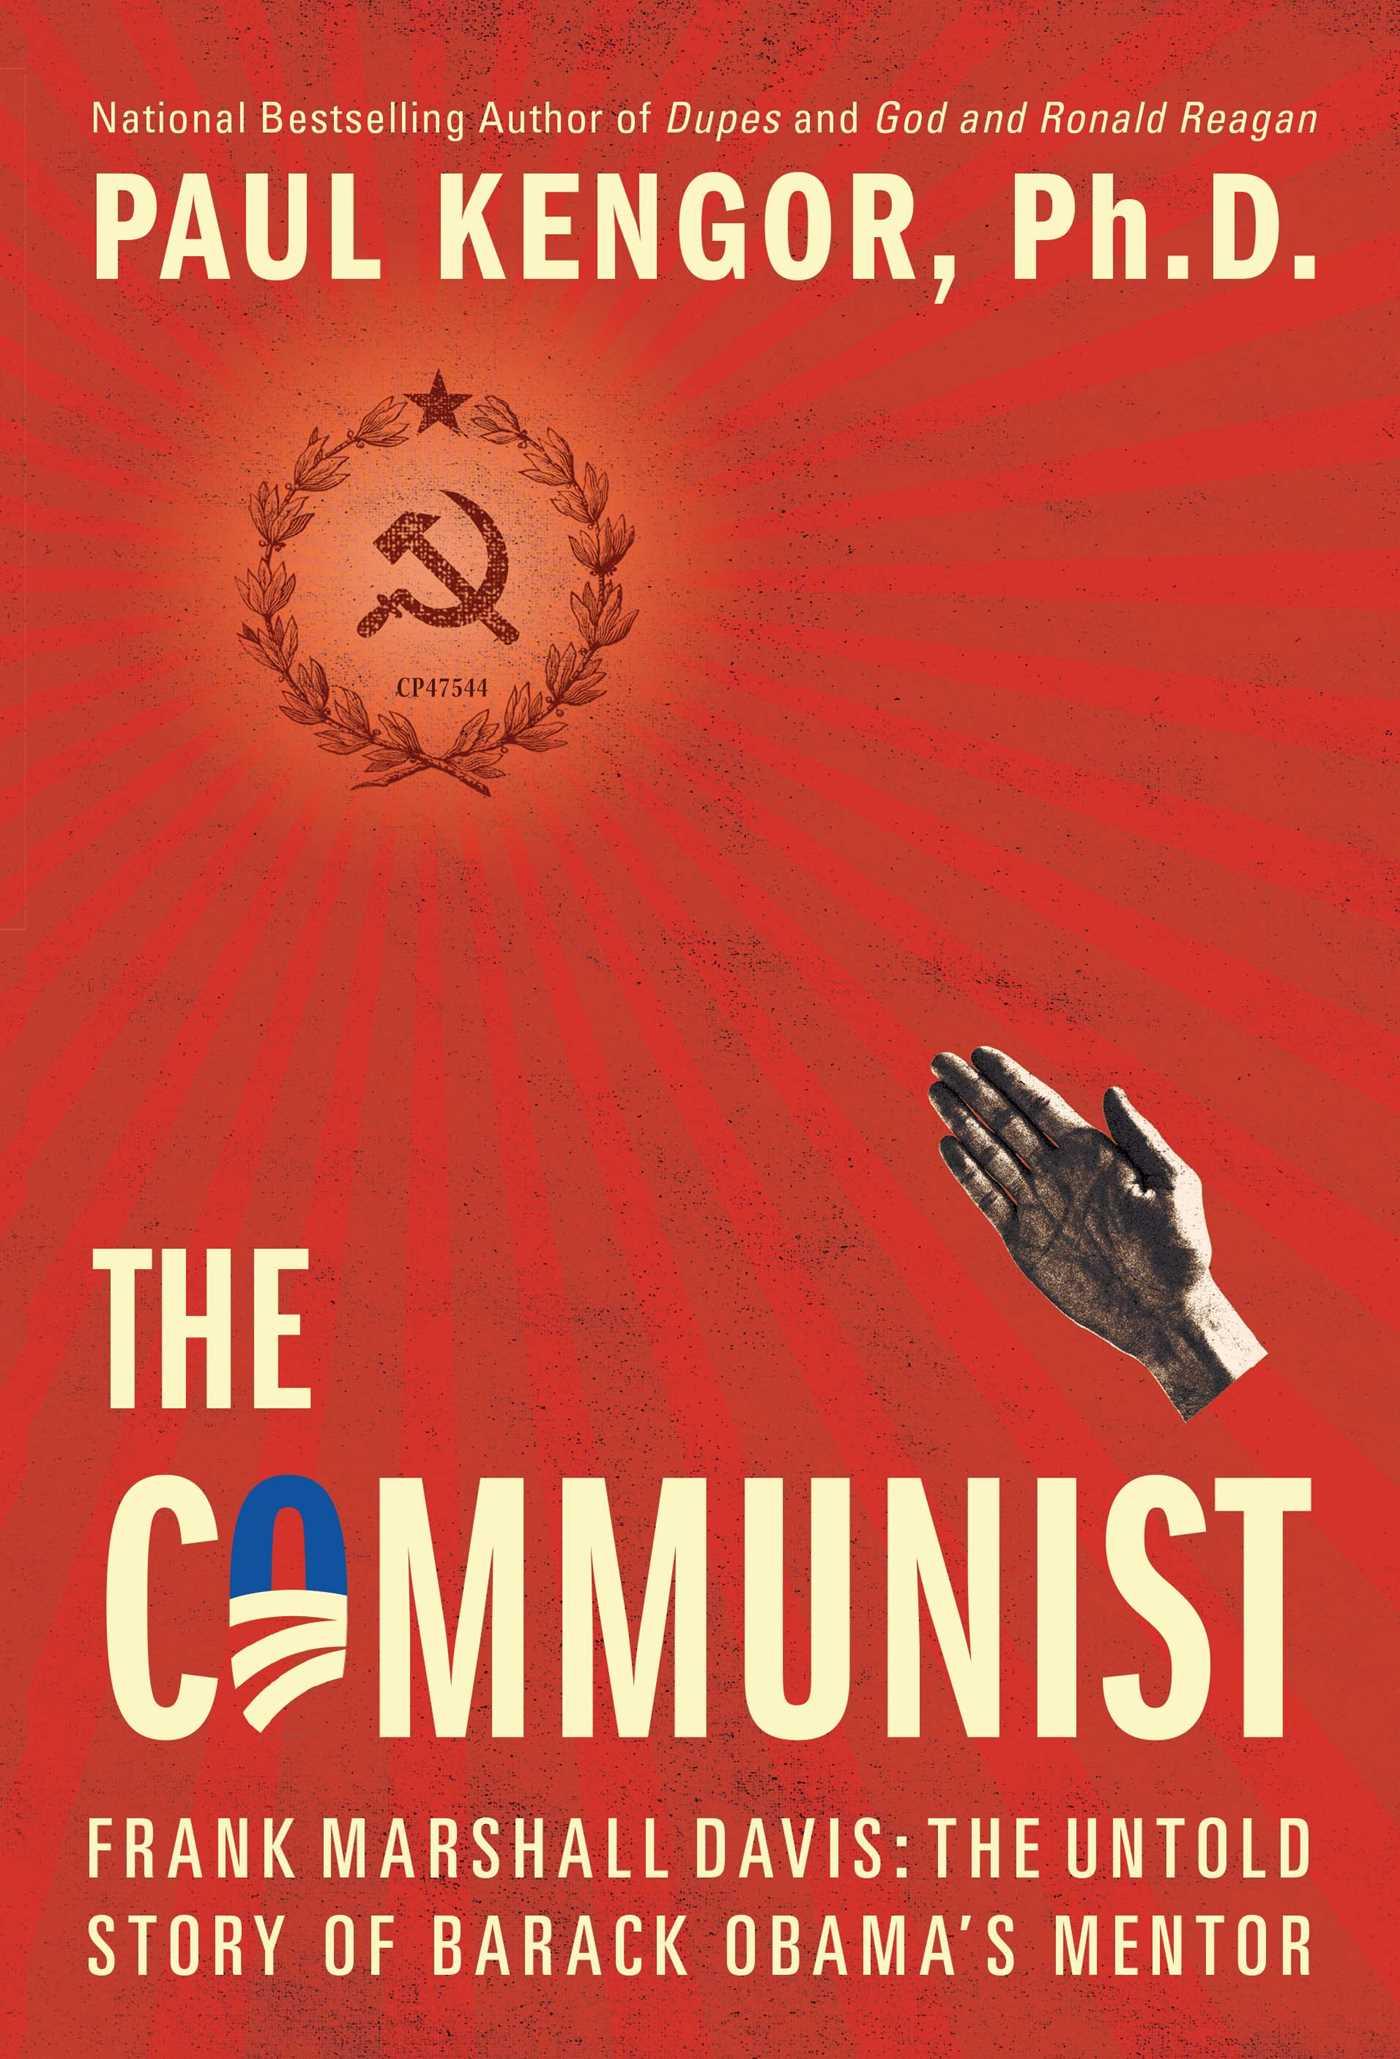 The communist 9781451698152 hr